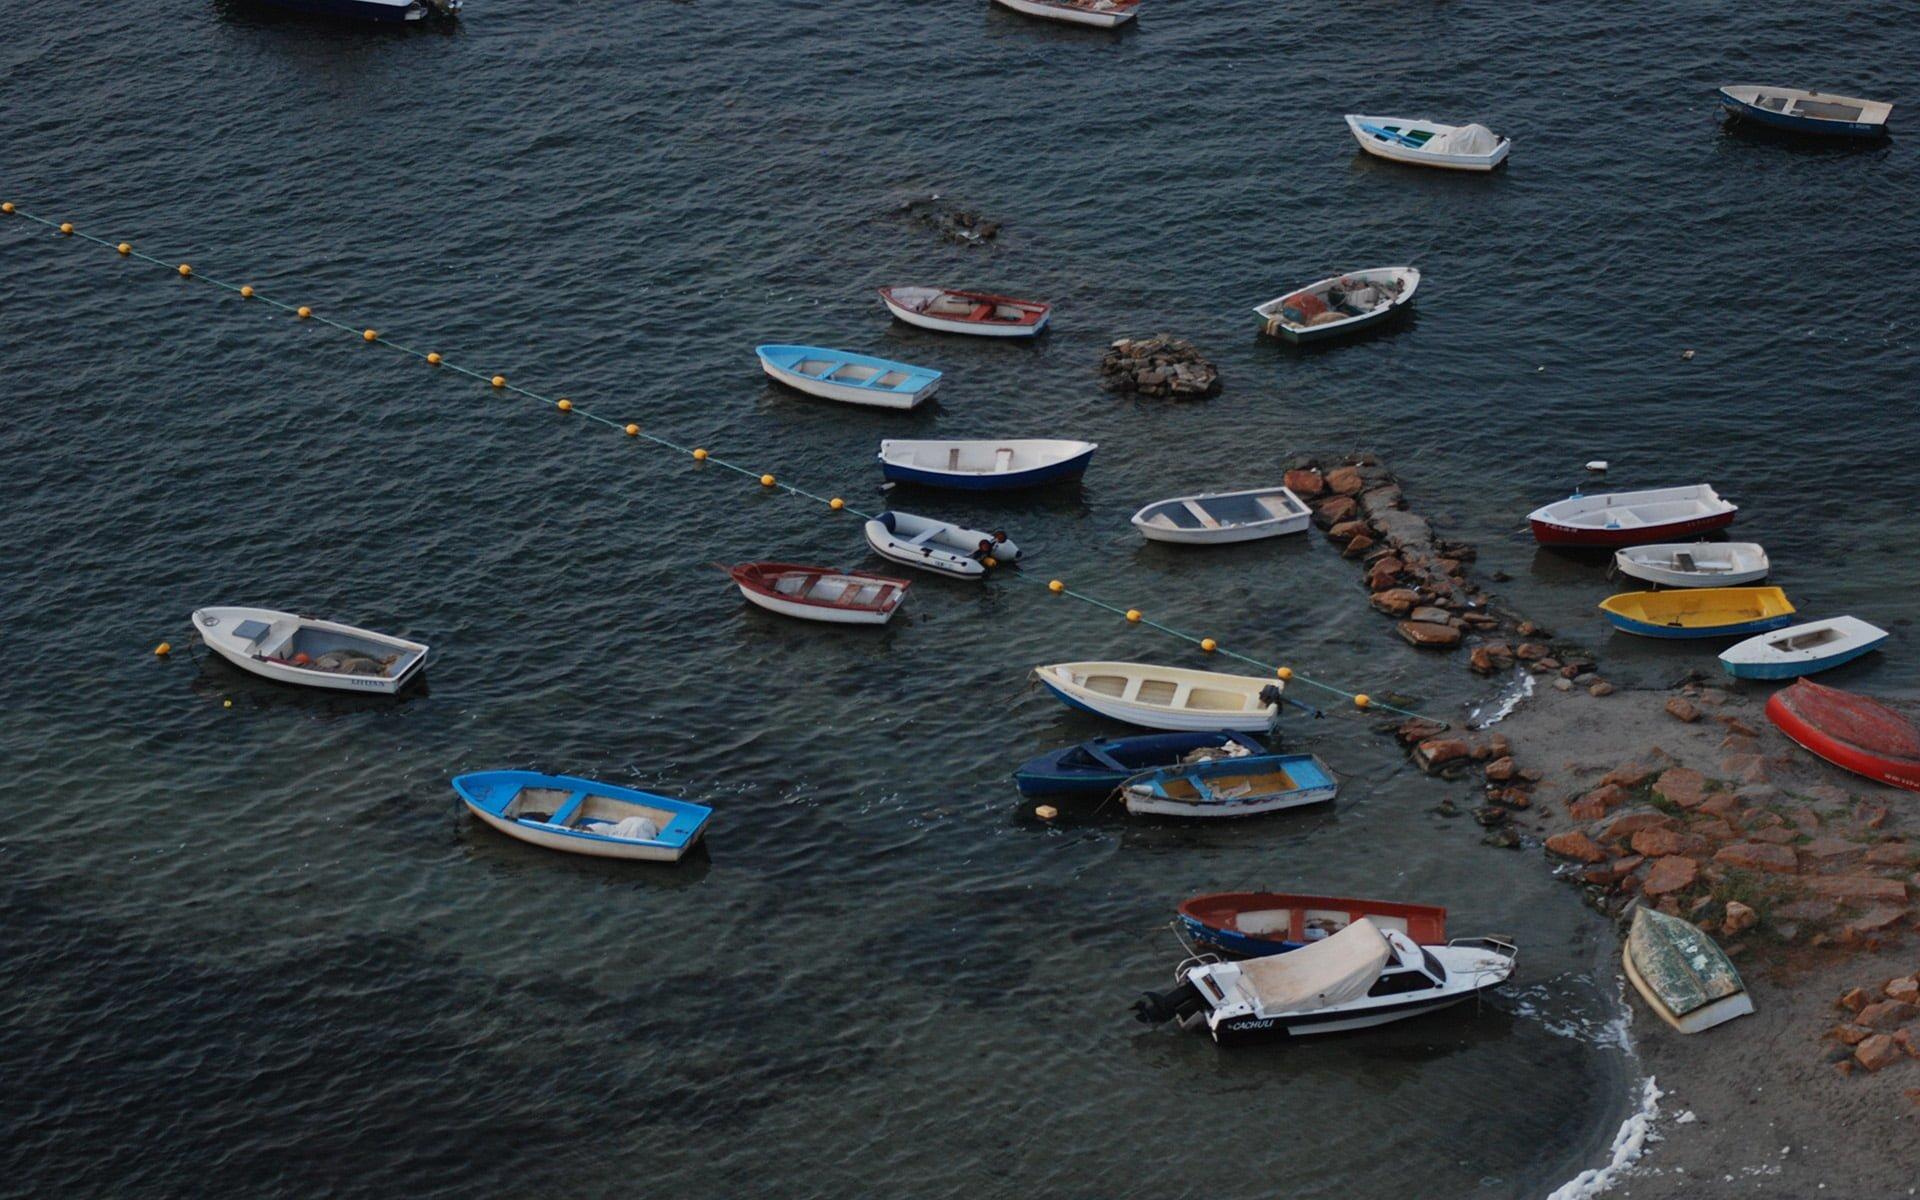 mar menor kayıklar